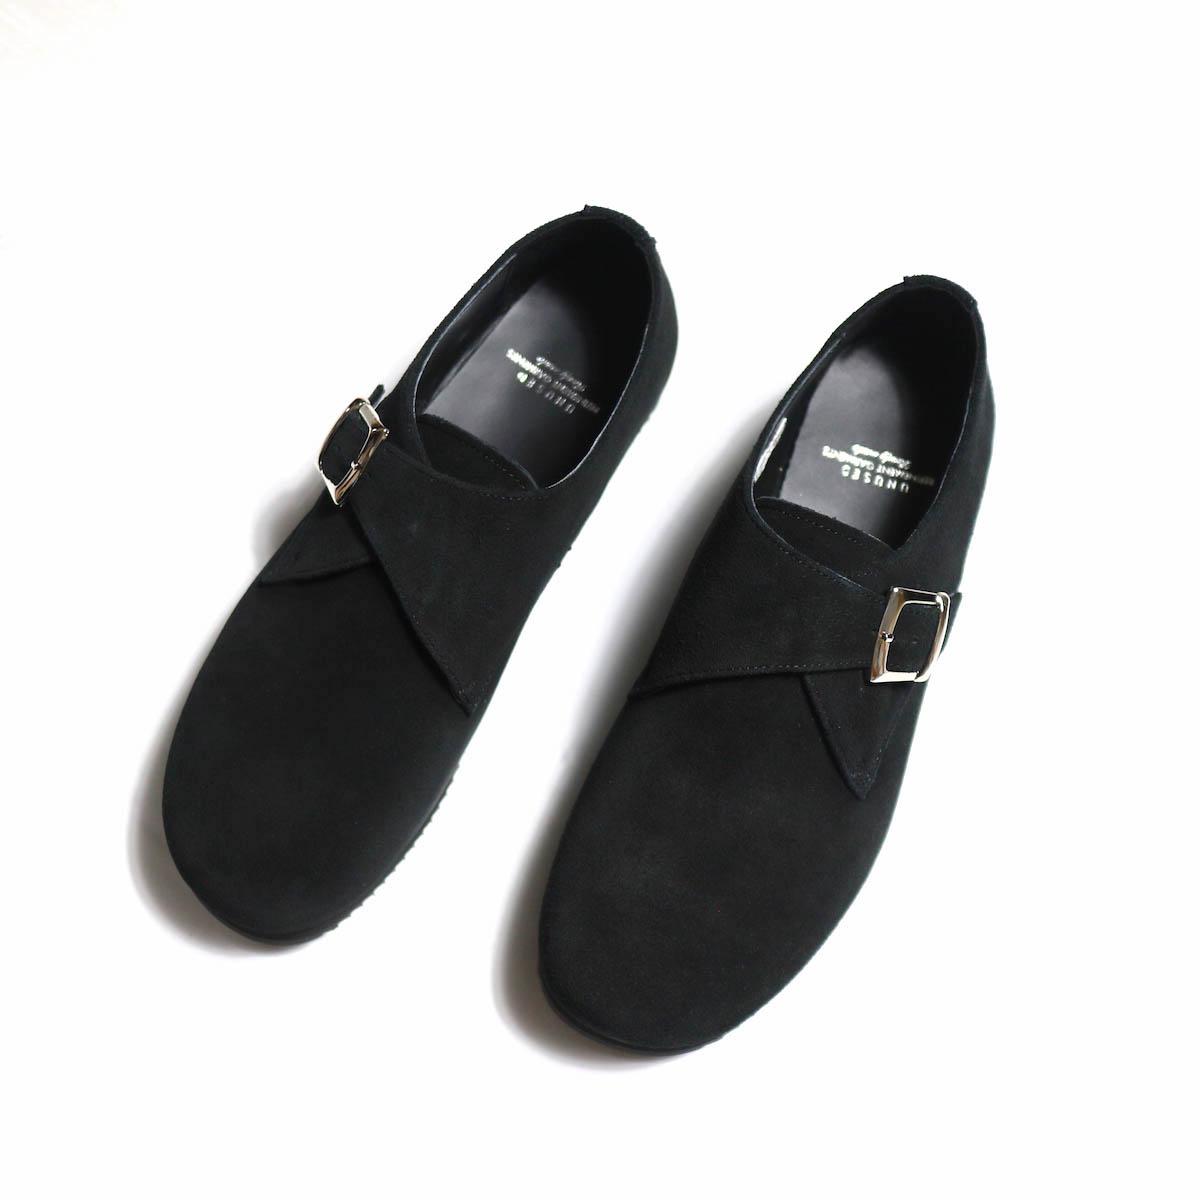 UNUSED × Suicoke  / UH0455 Leather Slip-on